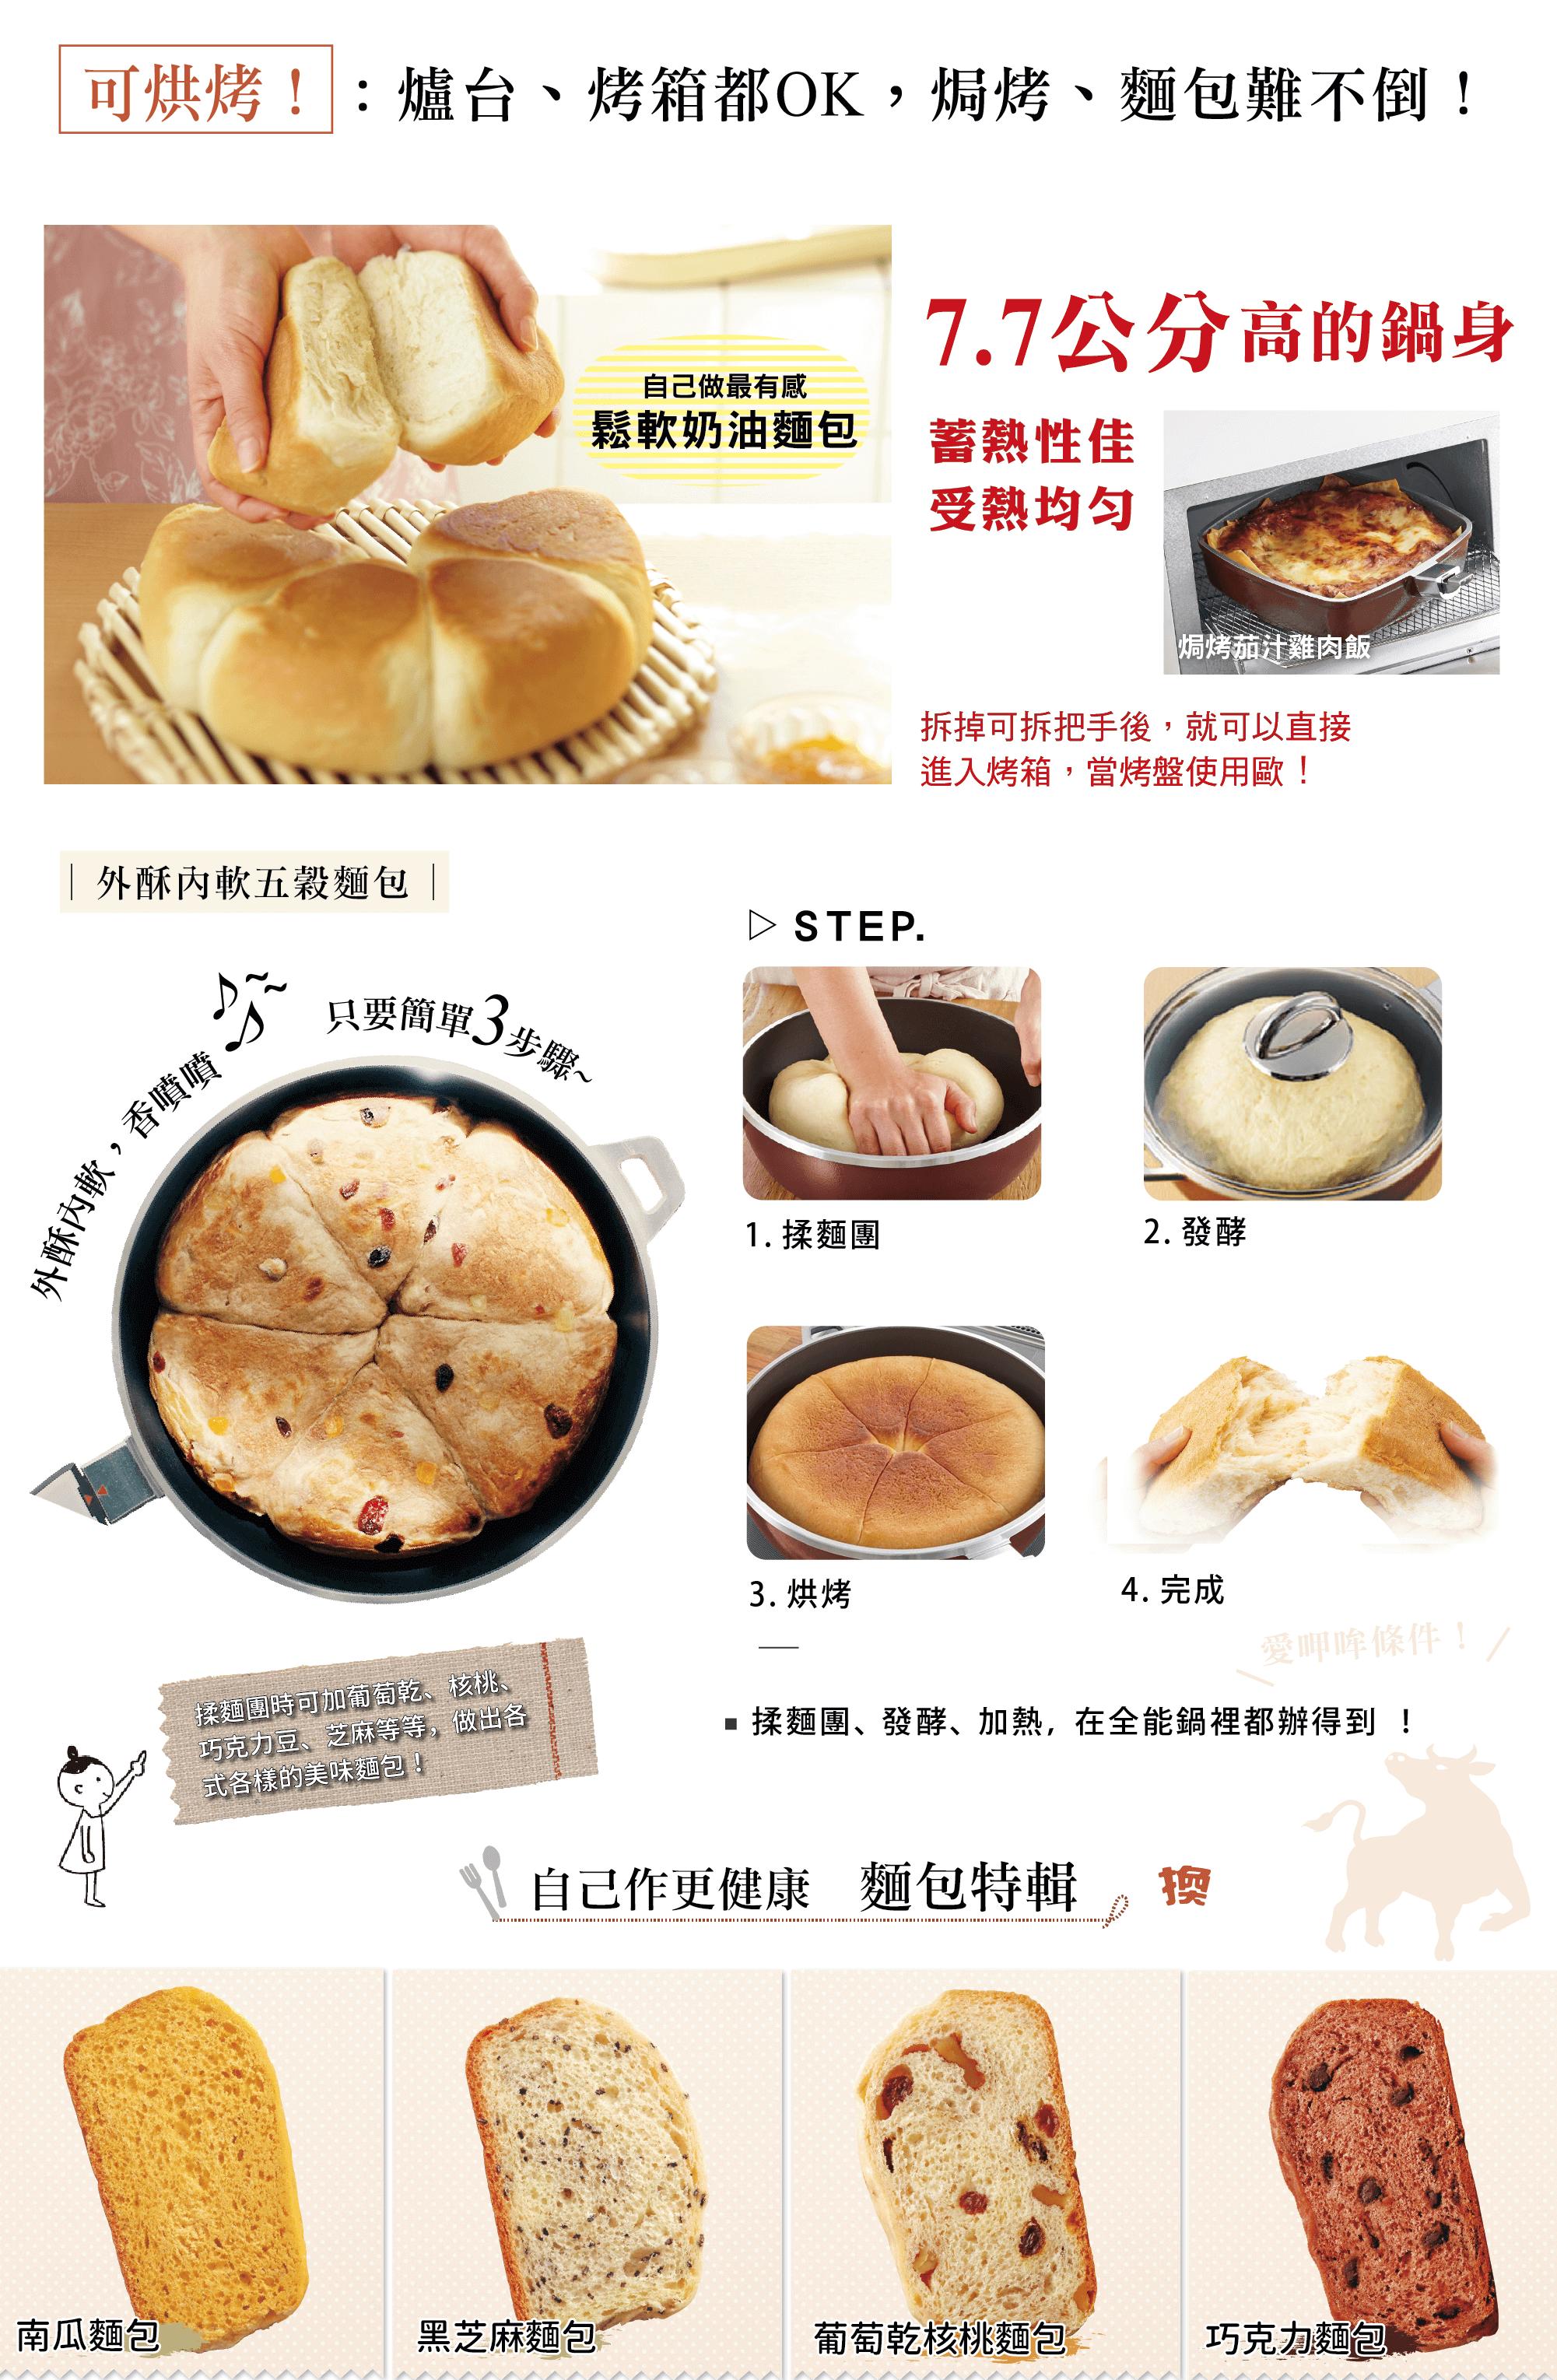 日本製平底鍋,烤麵包鍋子,平底不沾鍋,日本製鍋具,換鍋優惠,平底鍋優惠